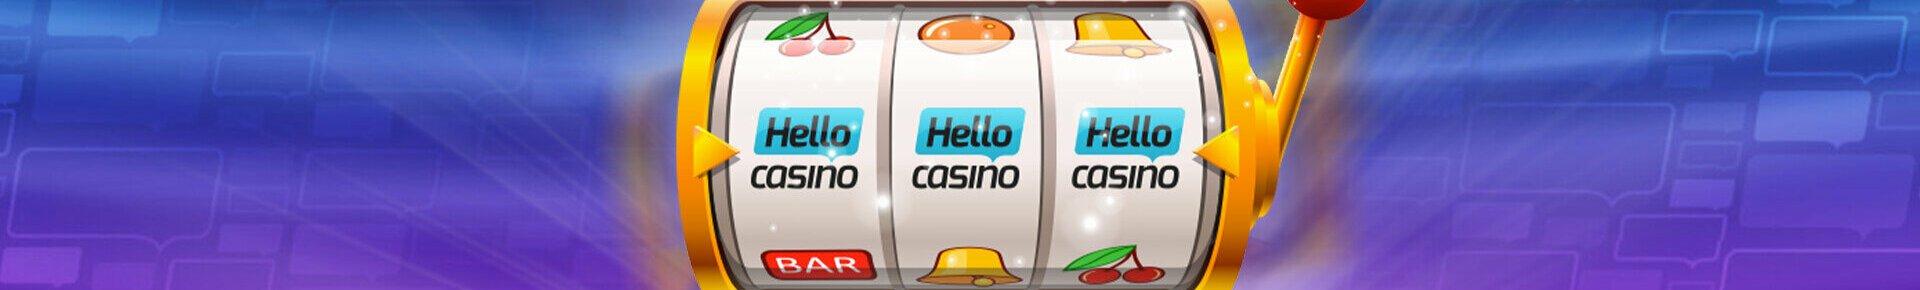 Hello Casino review UK